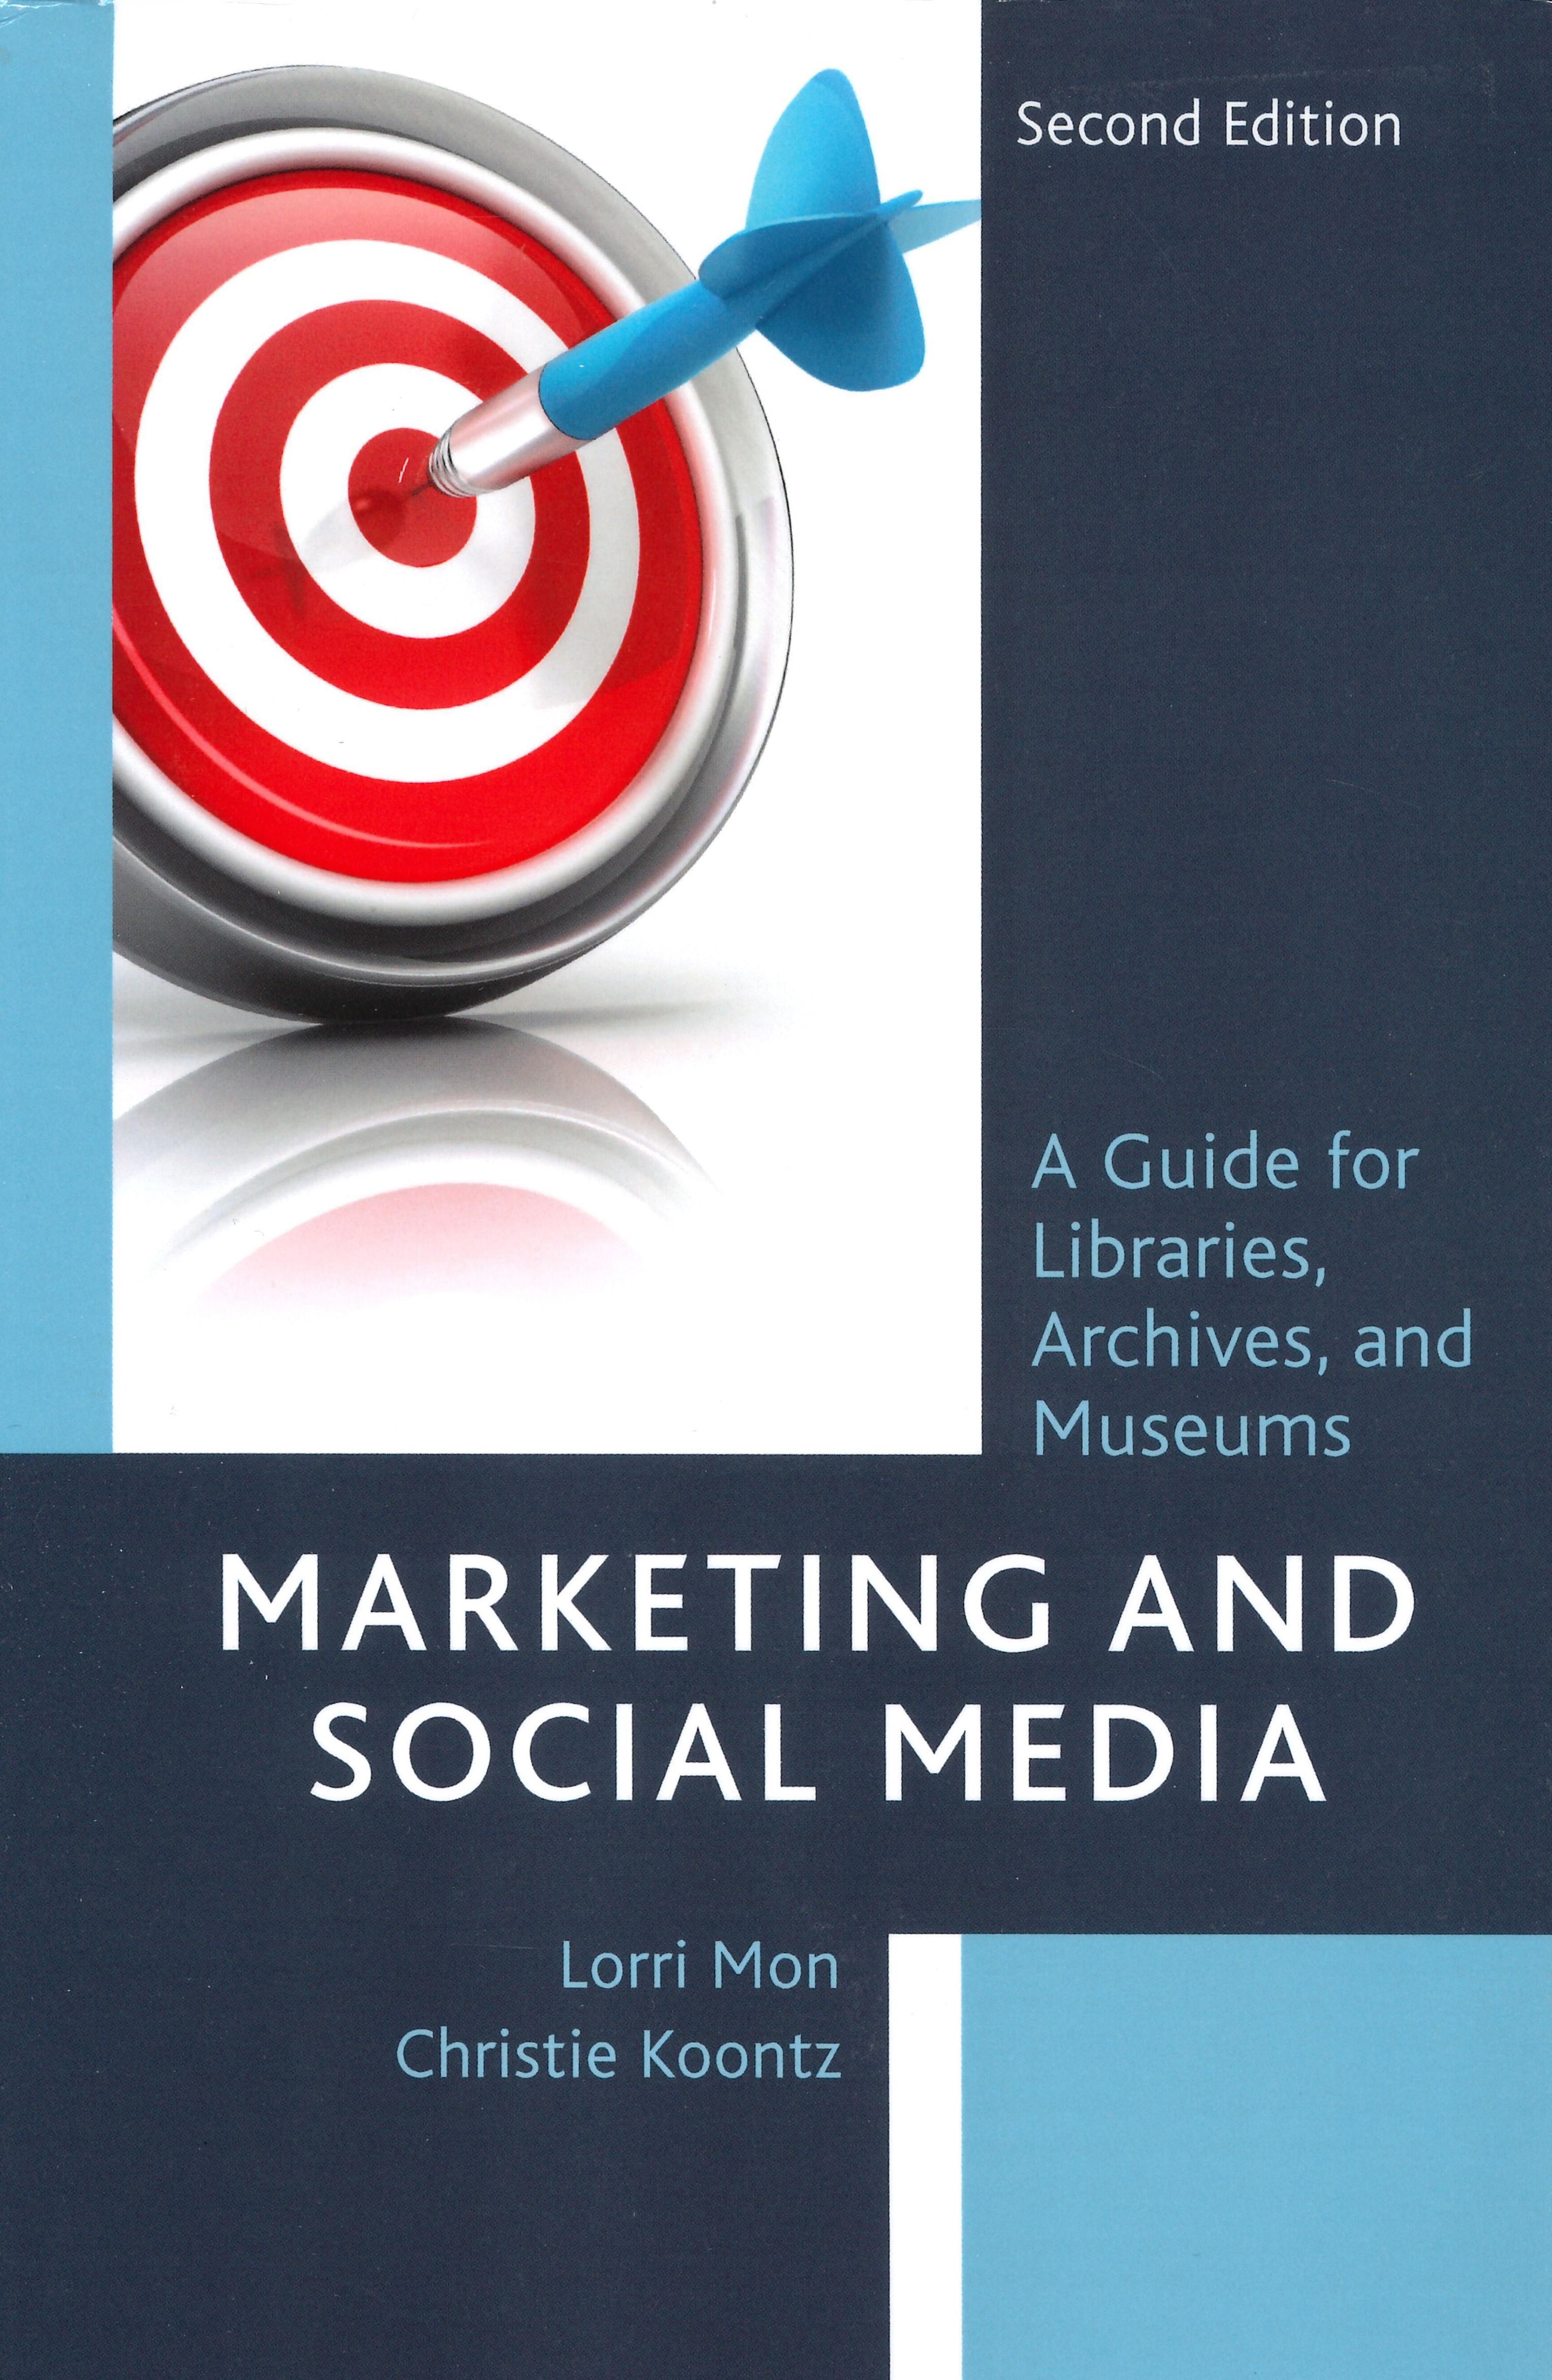 marketing_and_social_medias.jpg